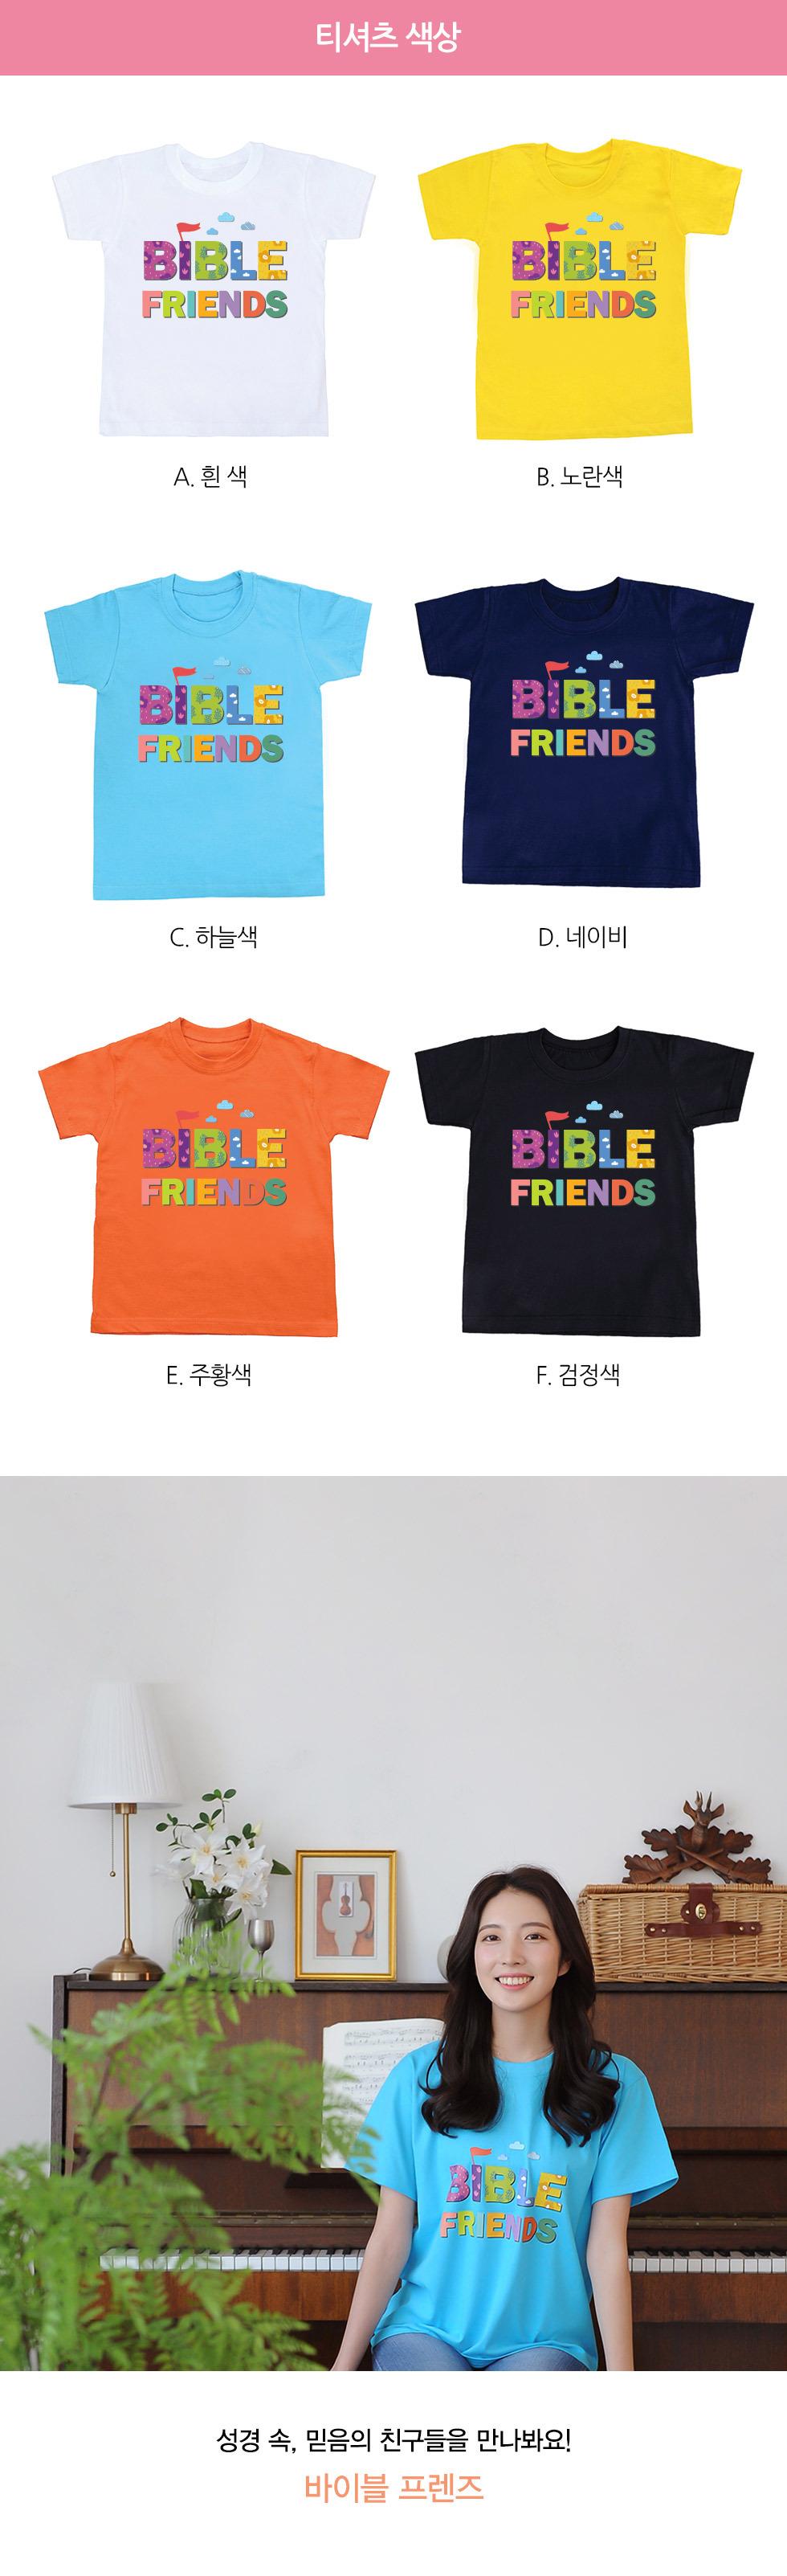 교회단체티 Bible Friends 바이블프렌즈 옵션별 가격